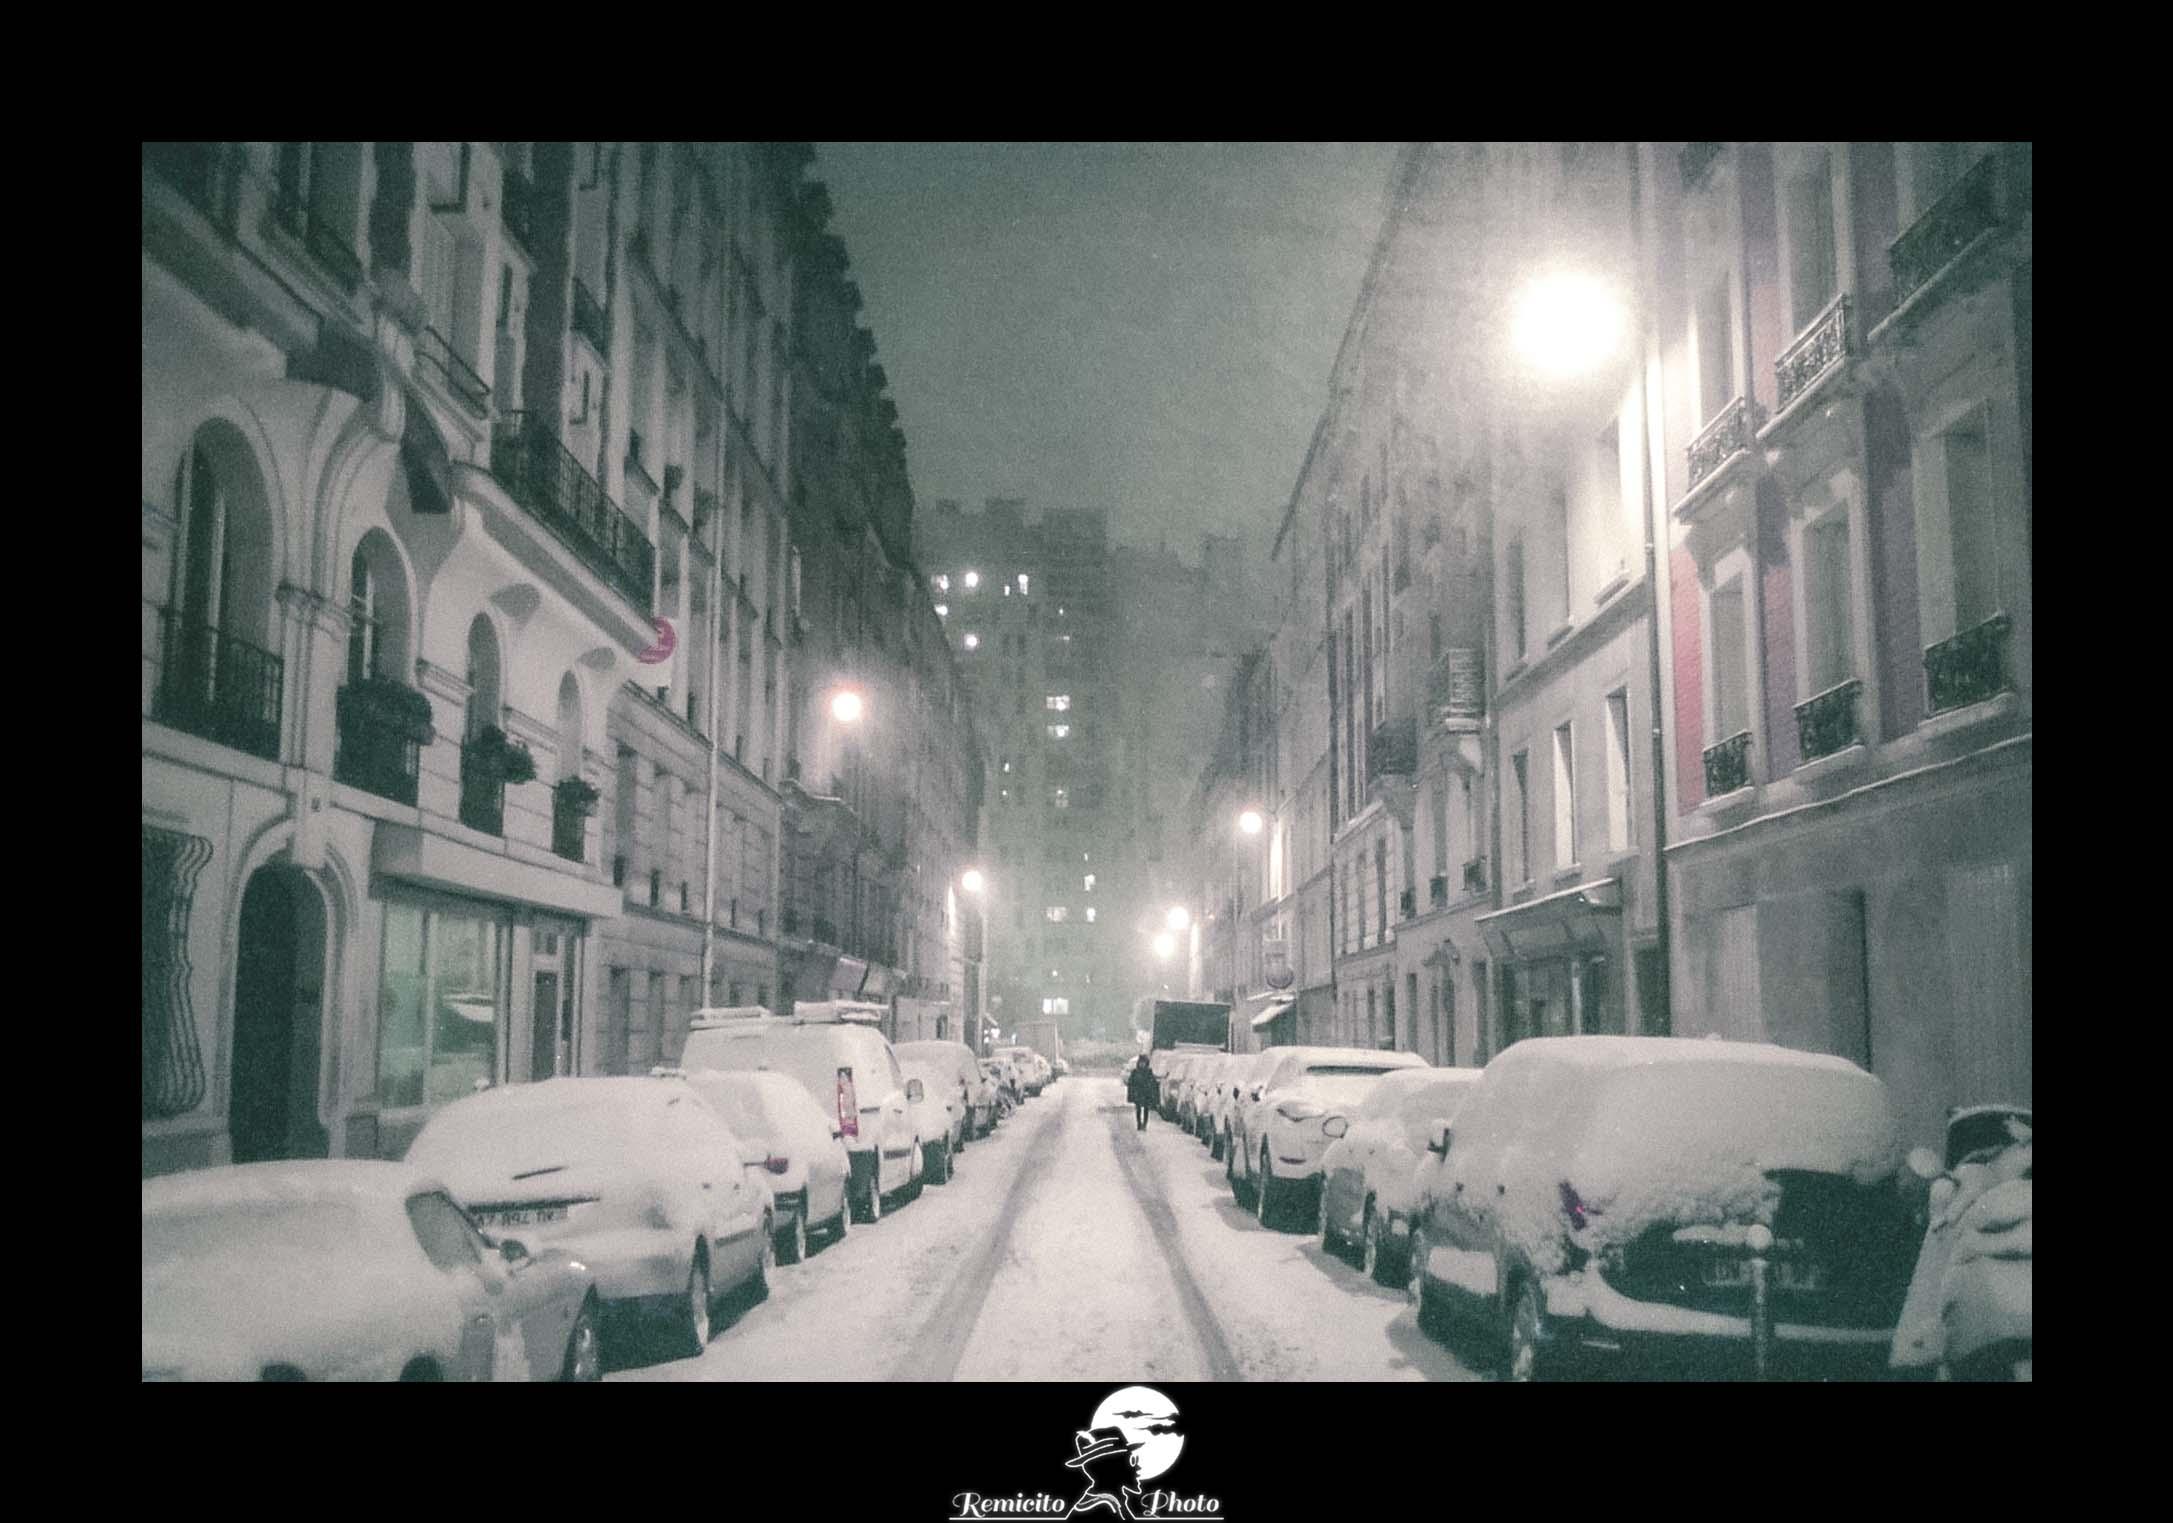 remicito photo, remicito, image du jour, photo du jour, photo of the day, tempête de neige paris, photo argentique paris neige, analog photography paris france, belle photo argentique idée cadeau, tirage photo neige paris